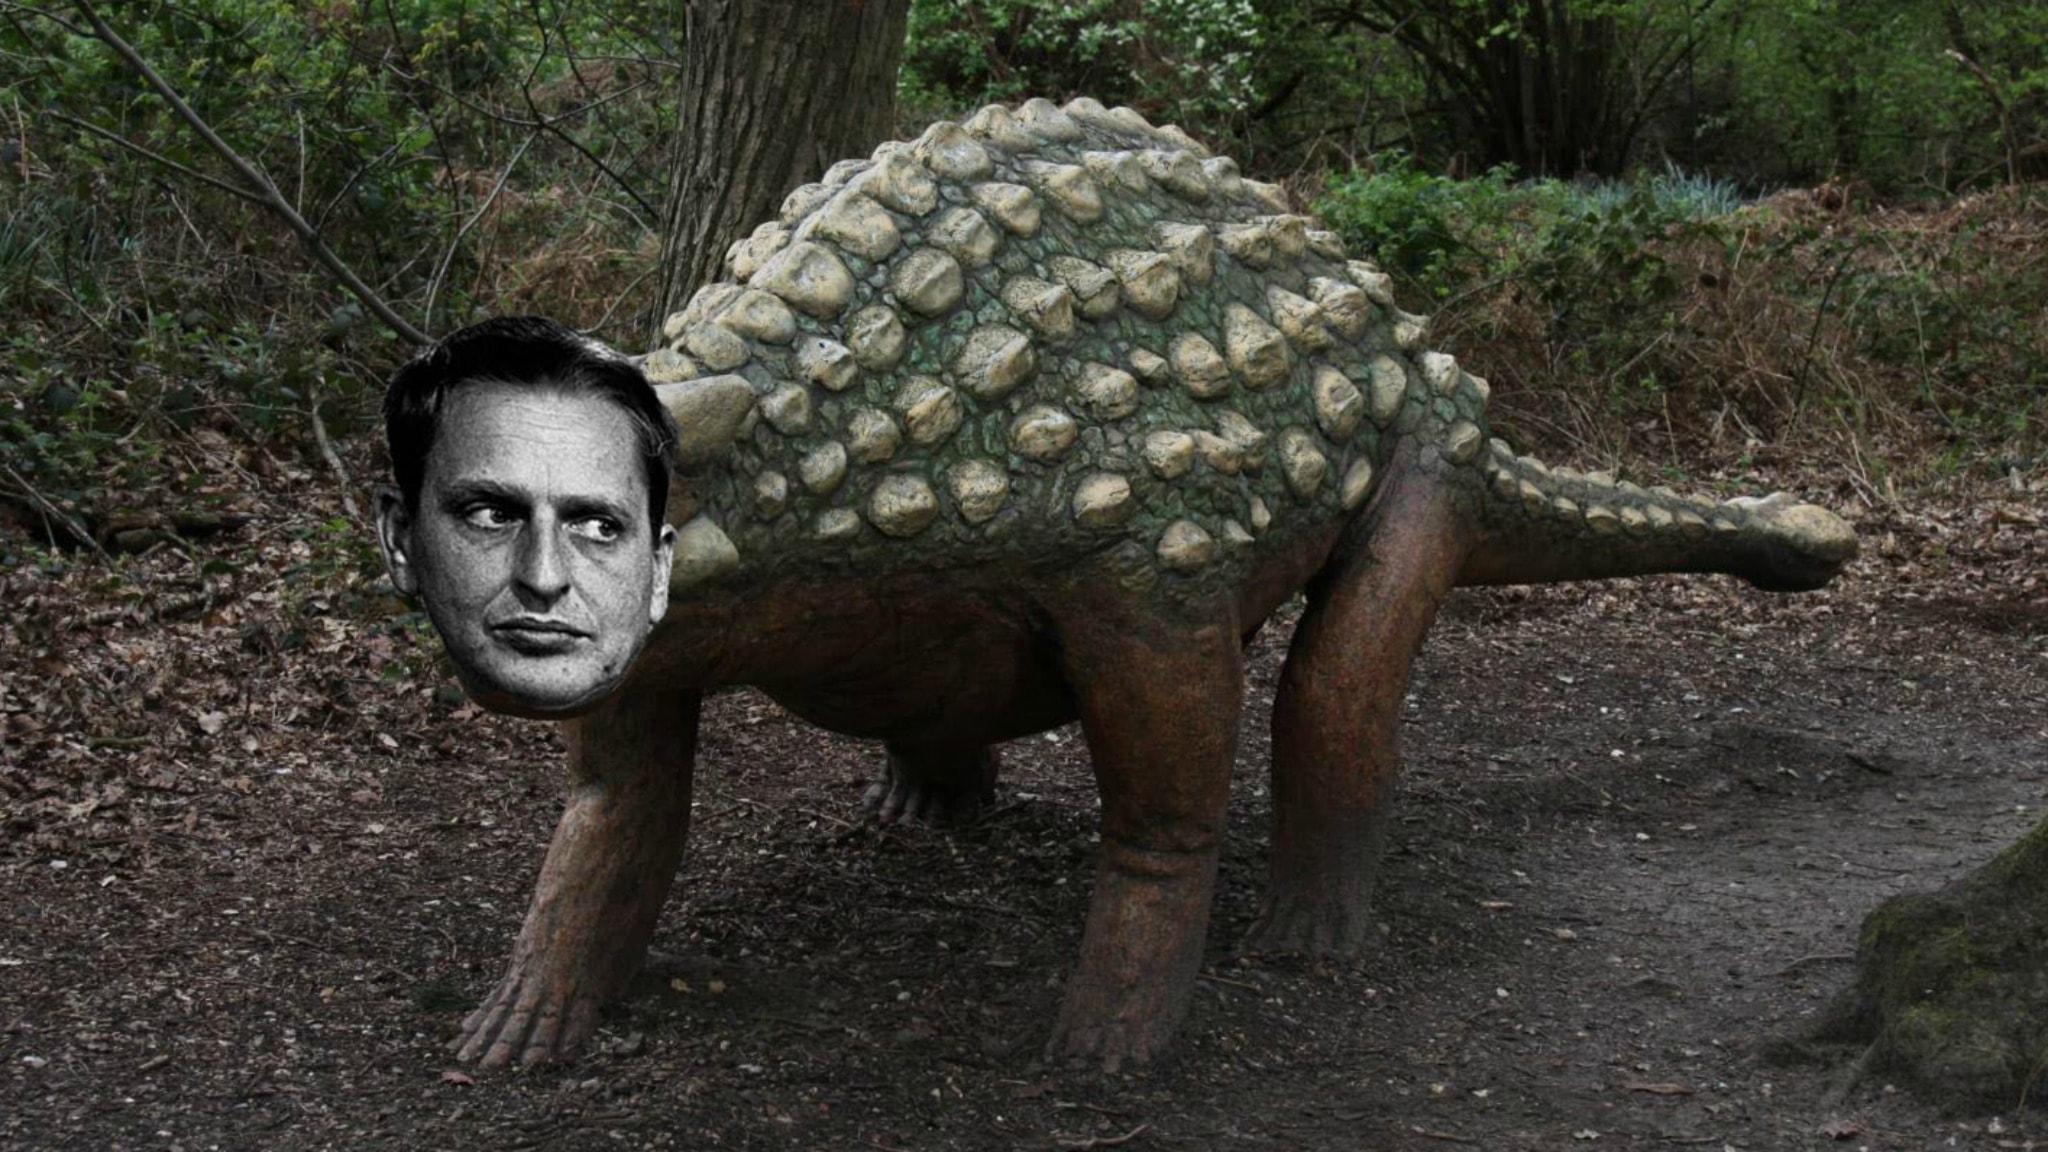 #23. Olof Palme - Dinosaurien som blev känslig när det blev för mycket